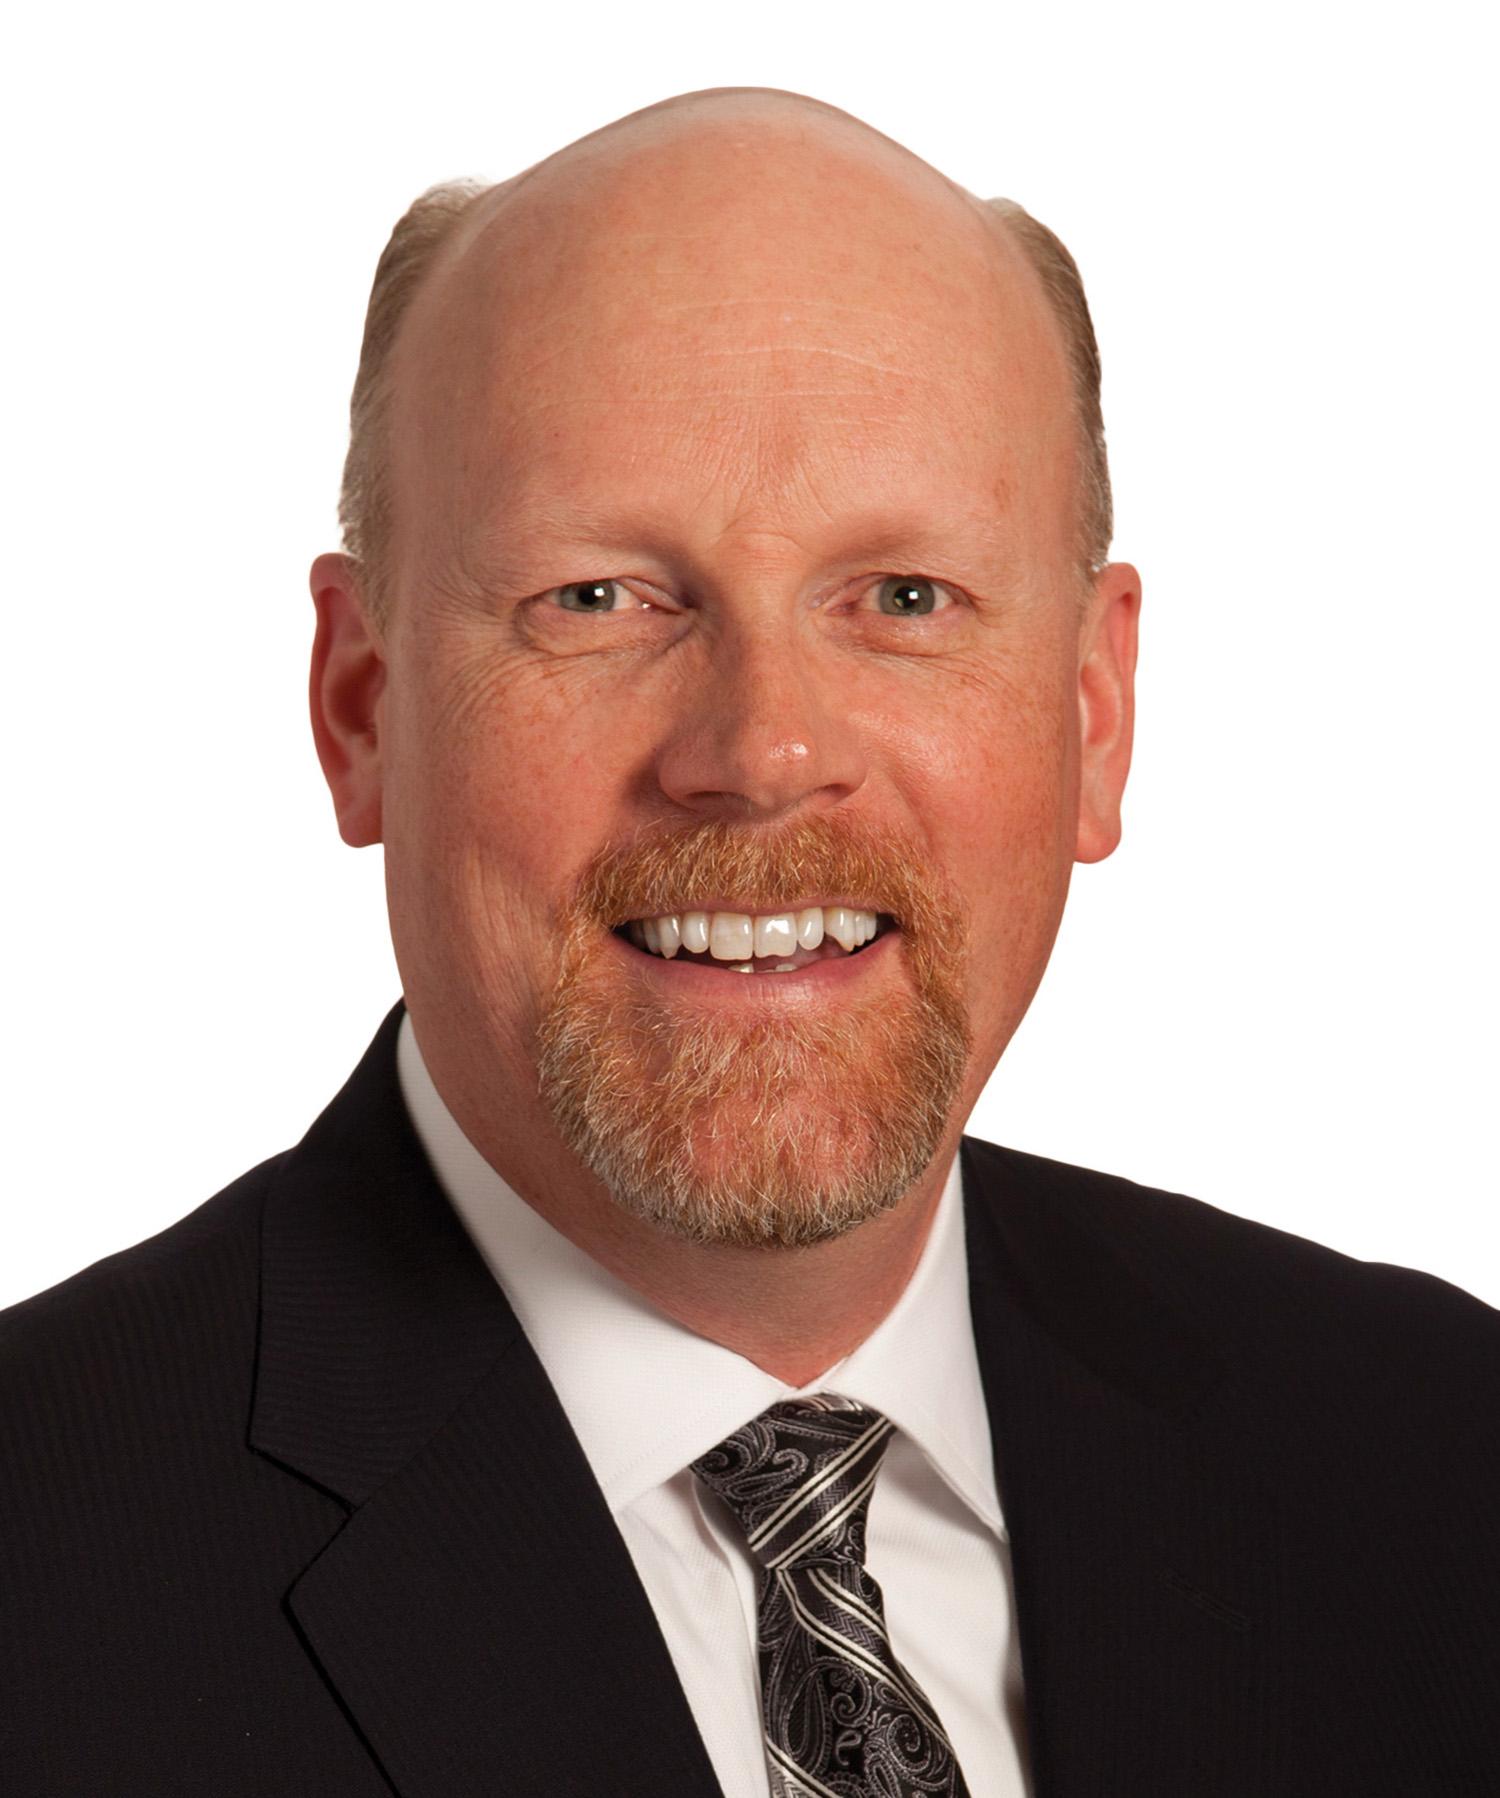 Michael G. Beairsto